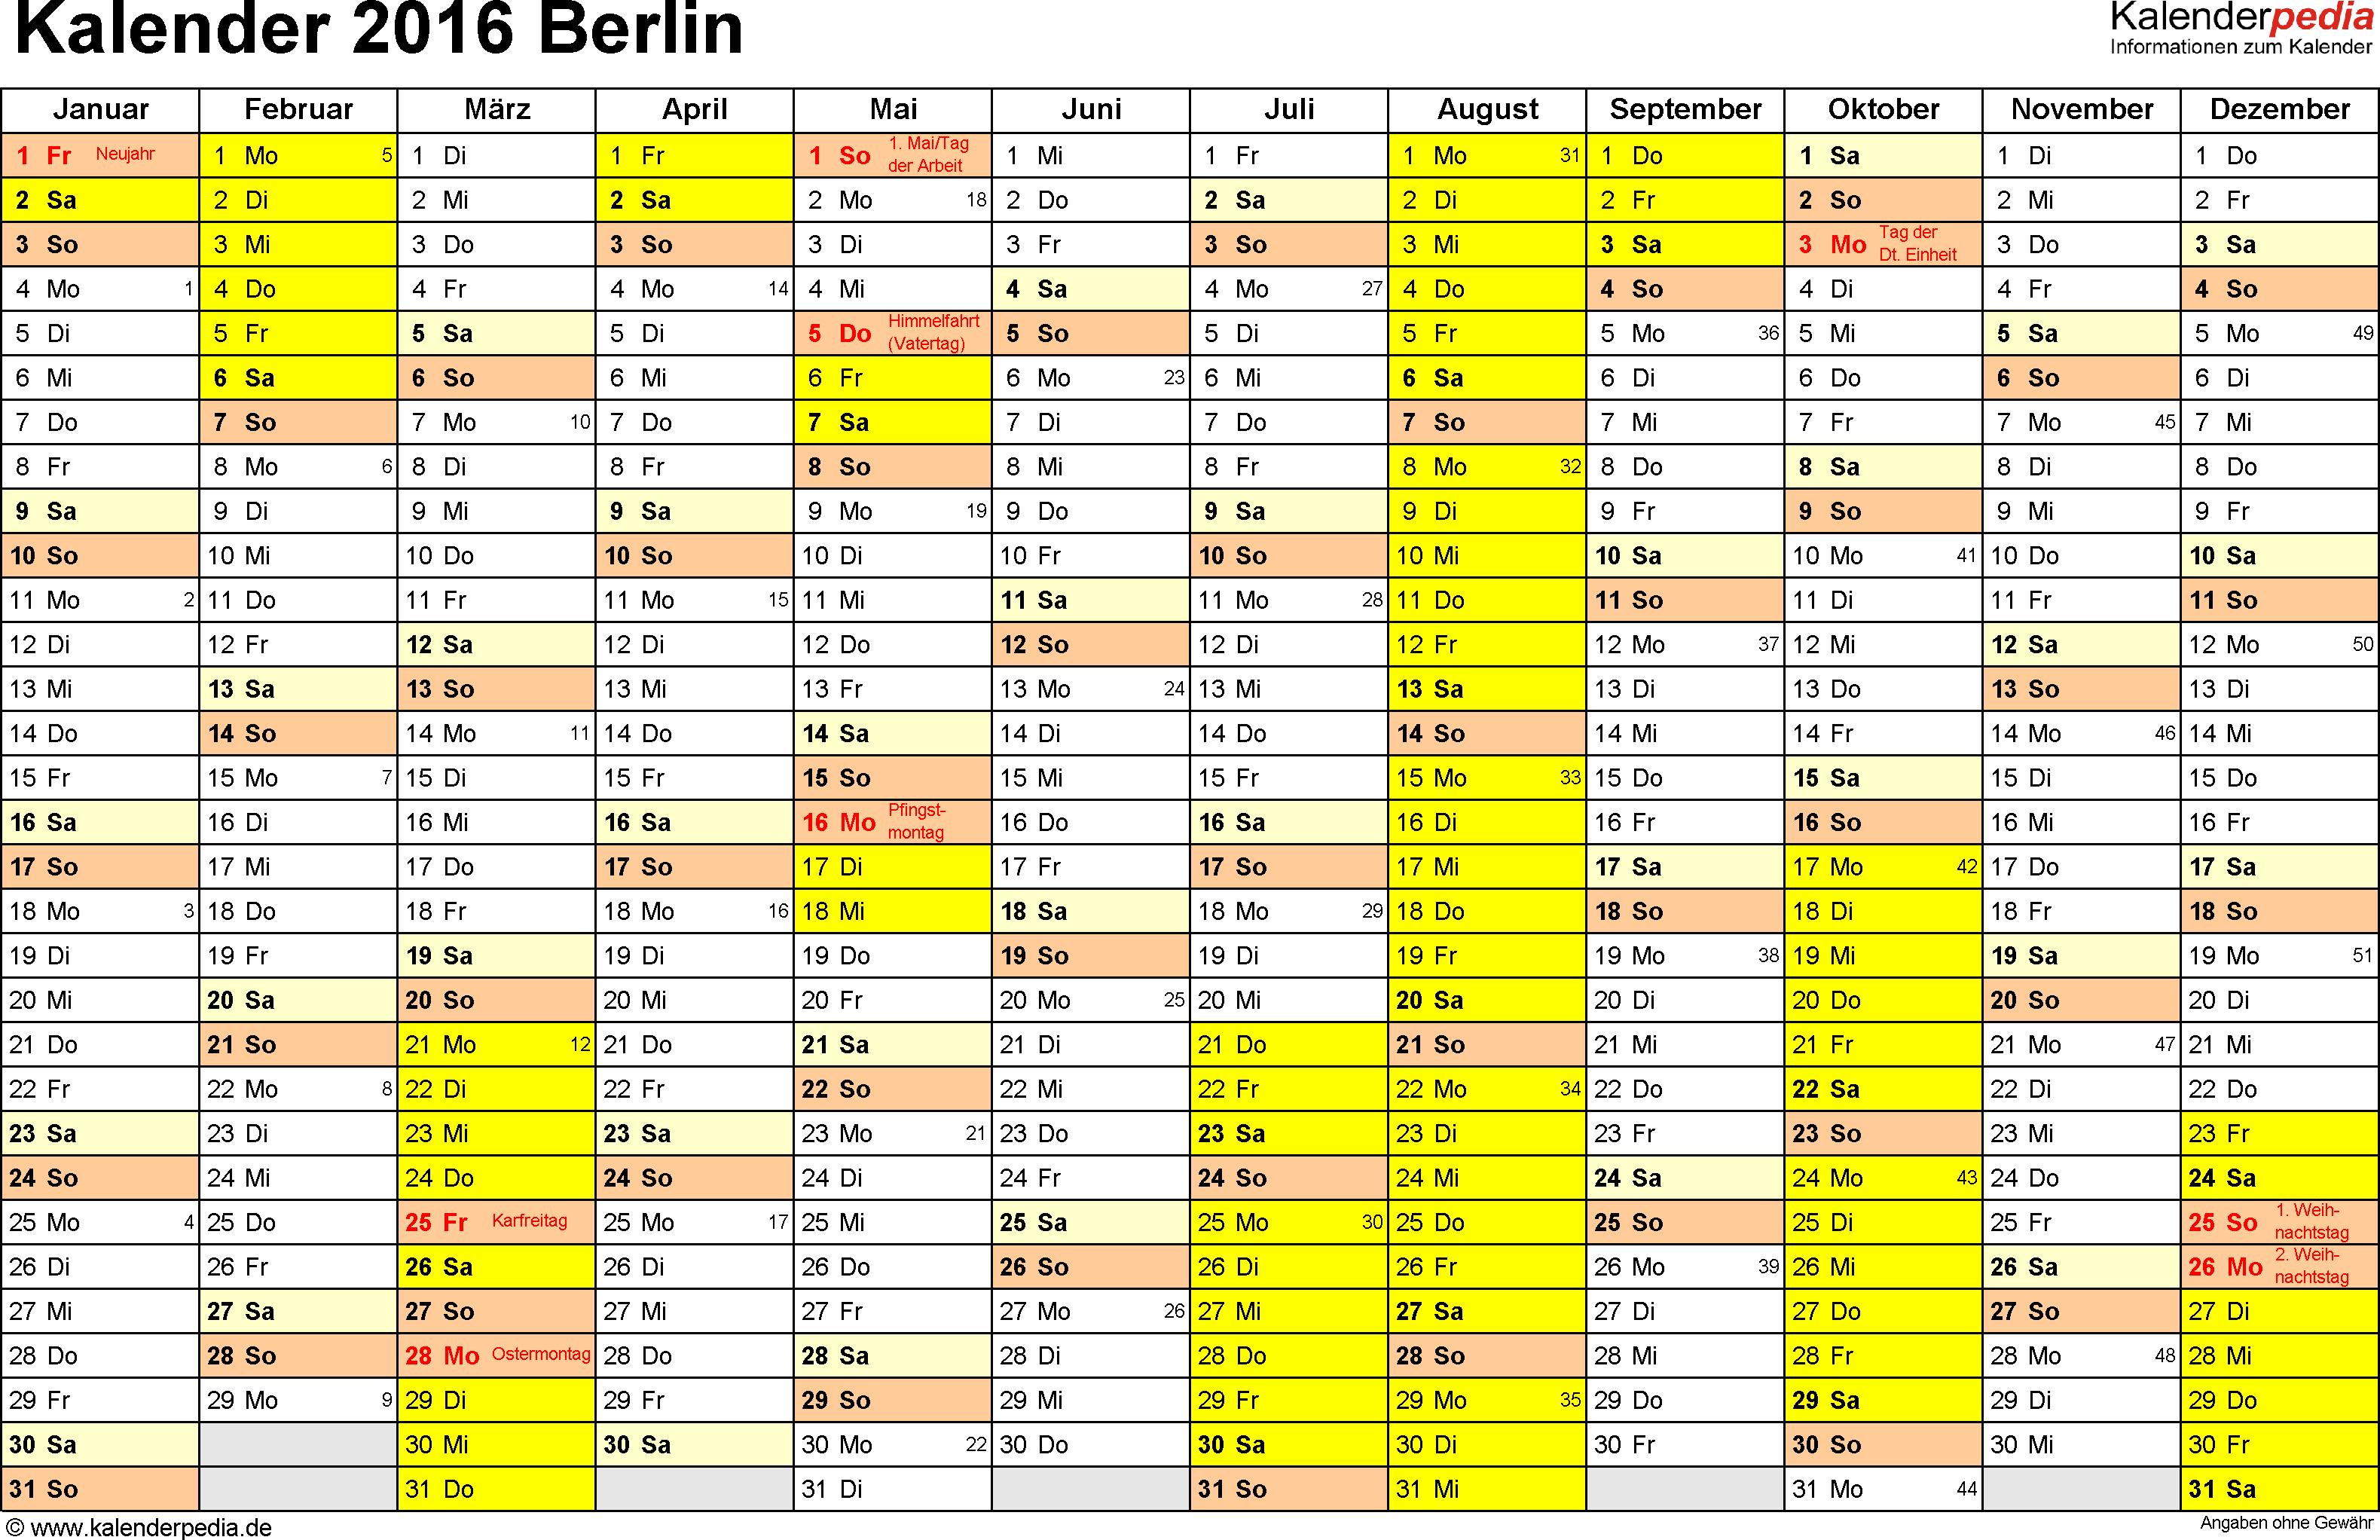 Vorlage 1: Kalender 2016 für Berlin als Word-Vorlage (Querformat, 1 Seite)